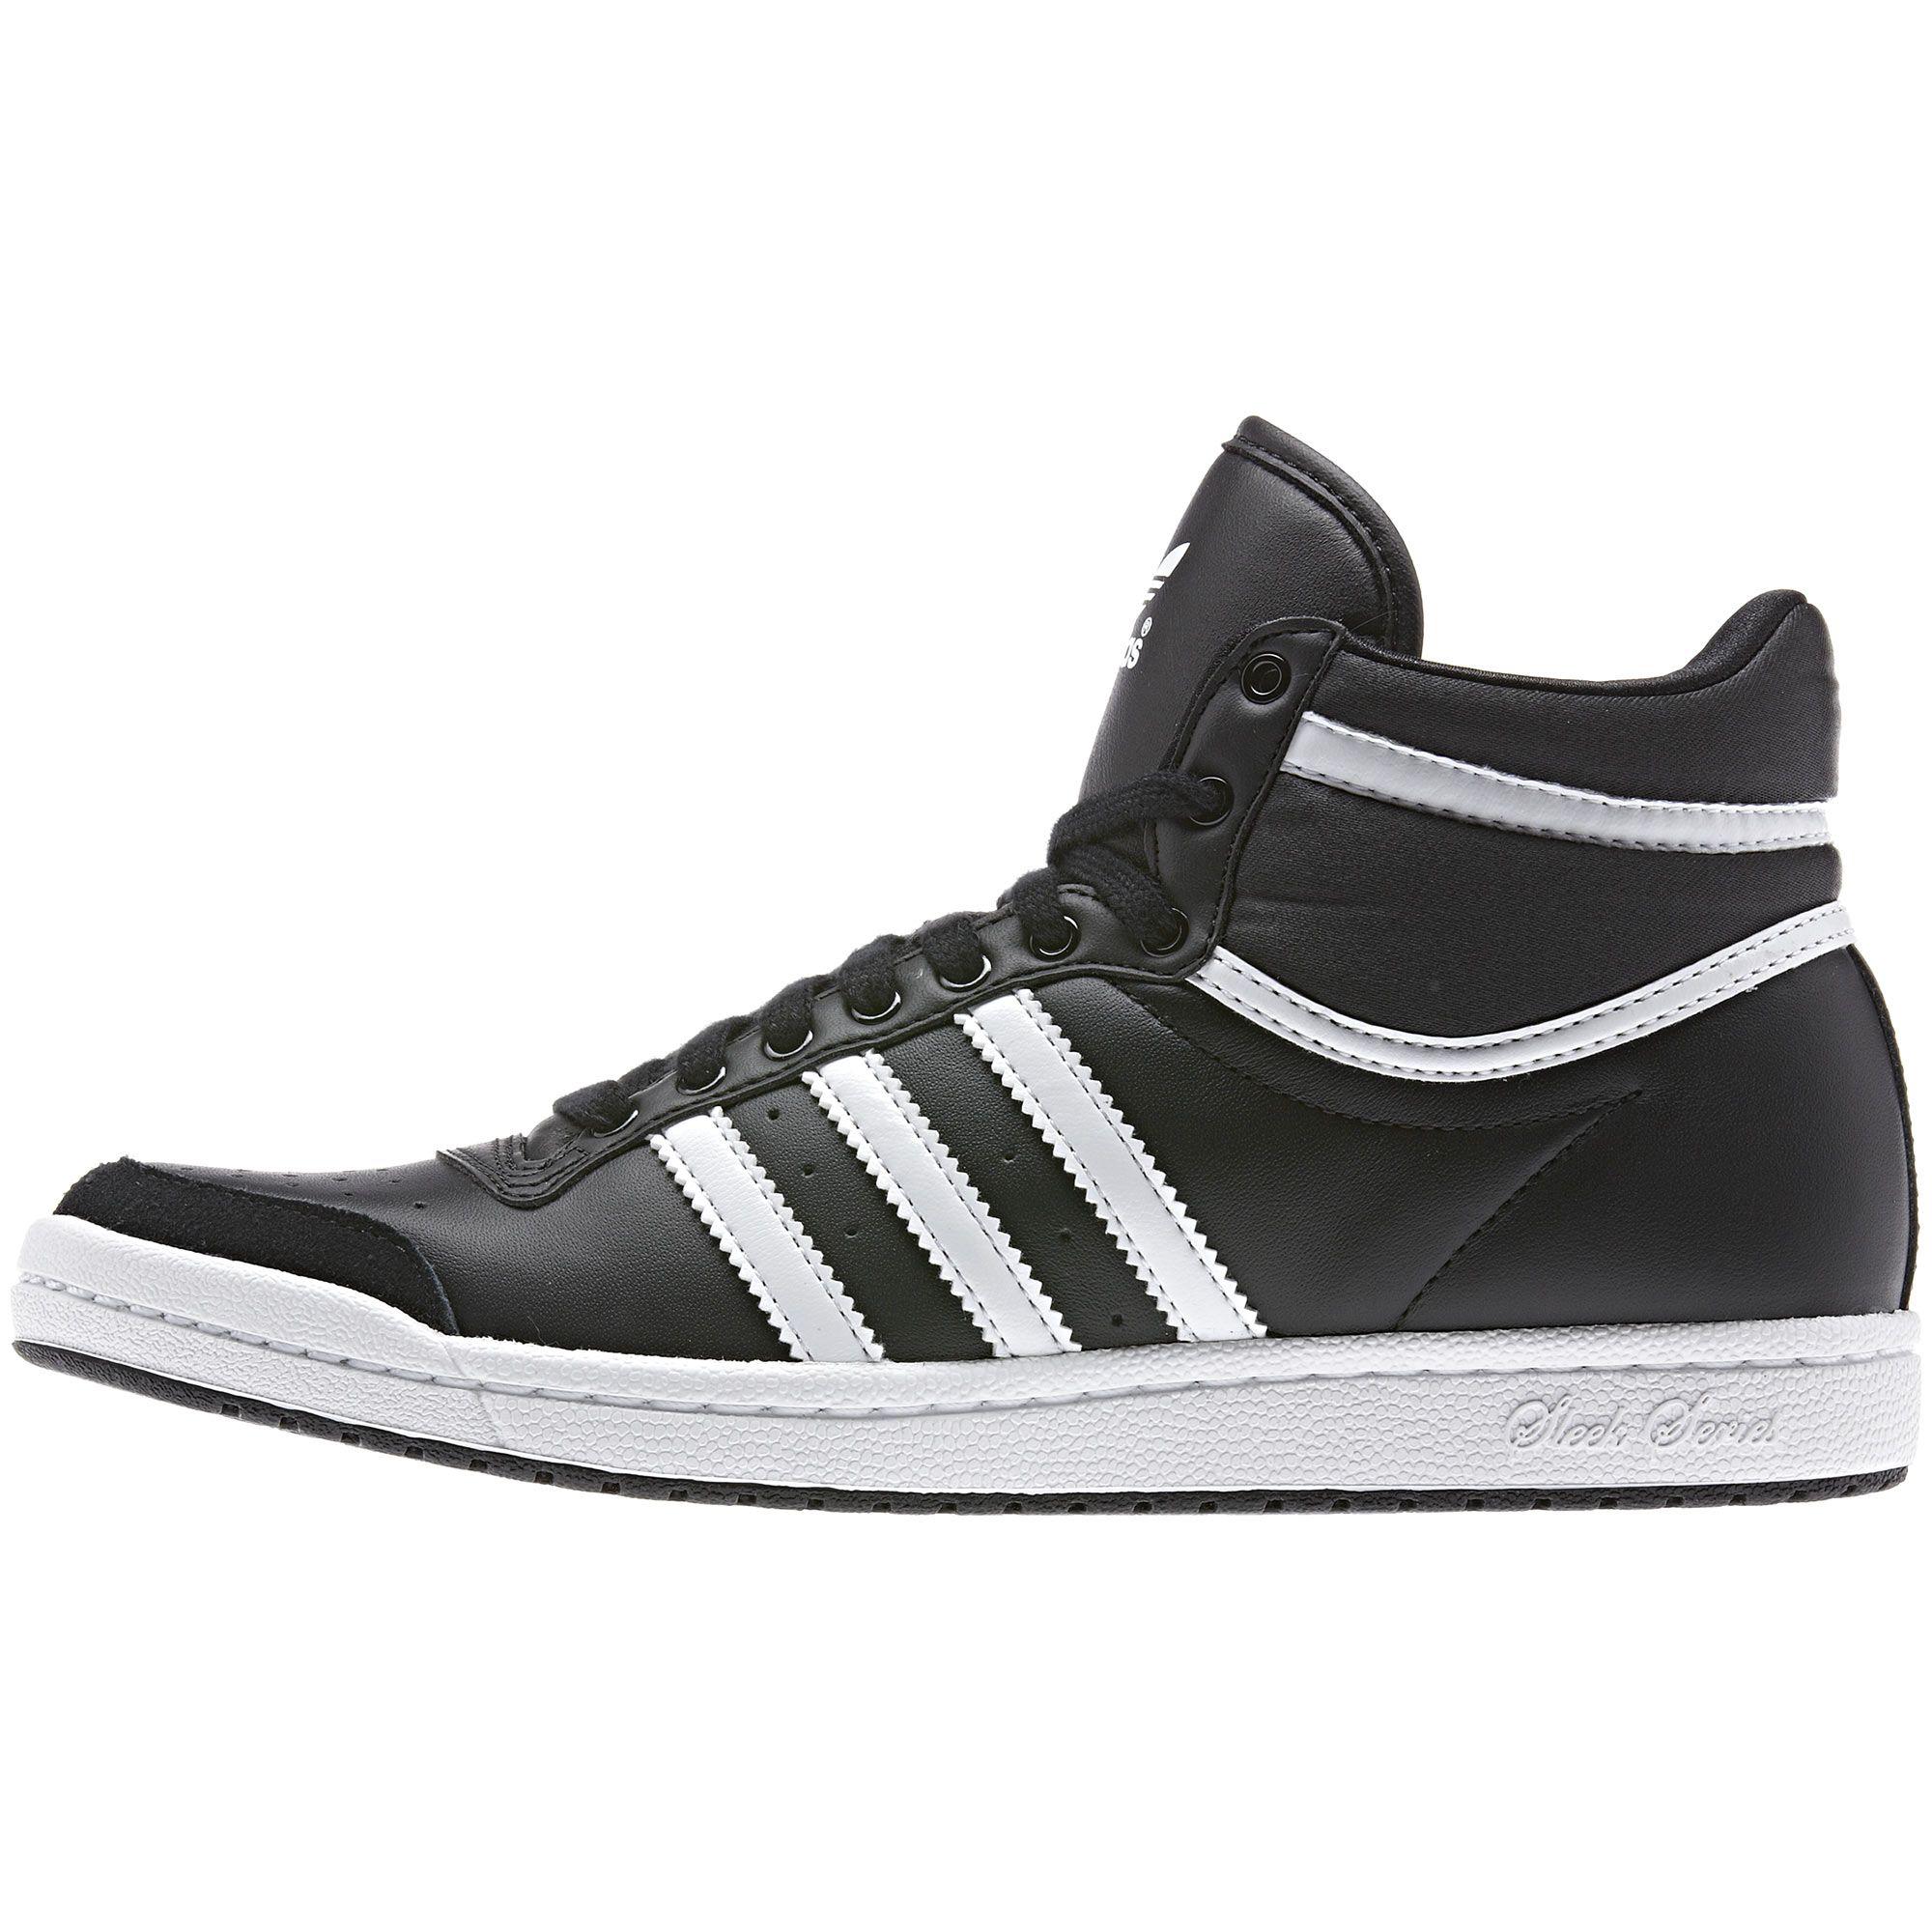 new styles d98ba 94b4e adidas Dames Top Ten Hi Sleek Schoenen  adidas Nederland